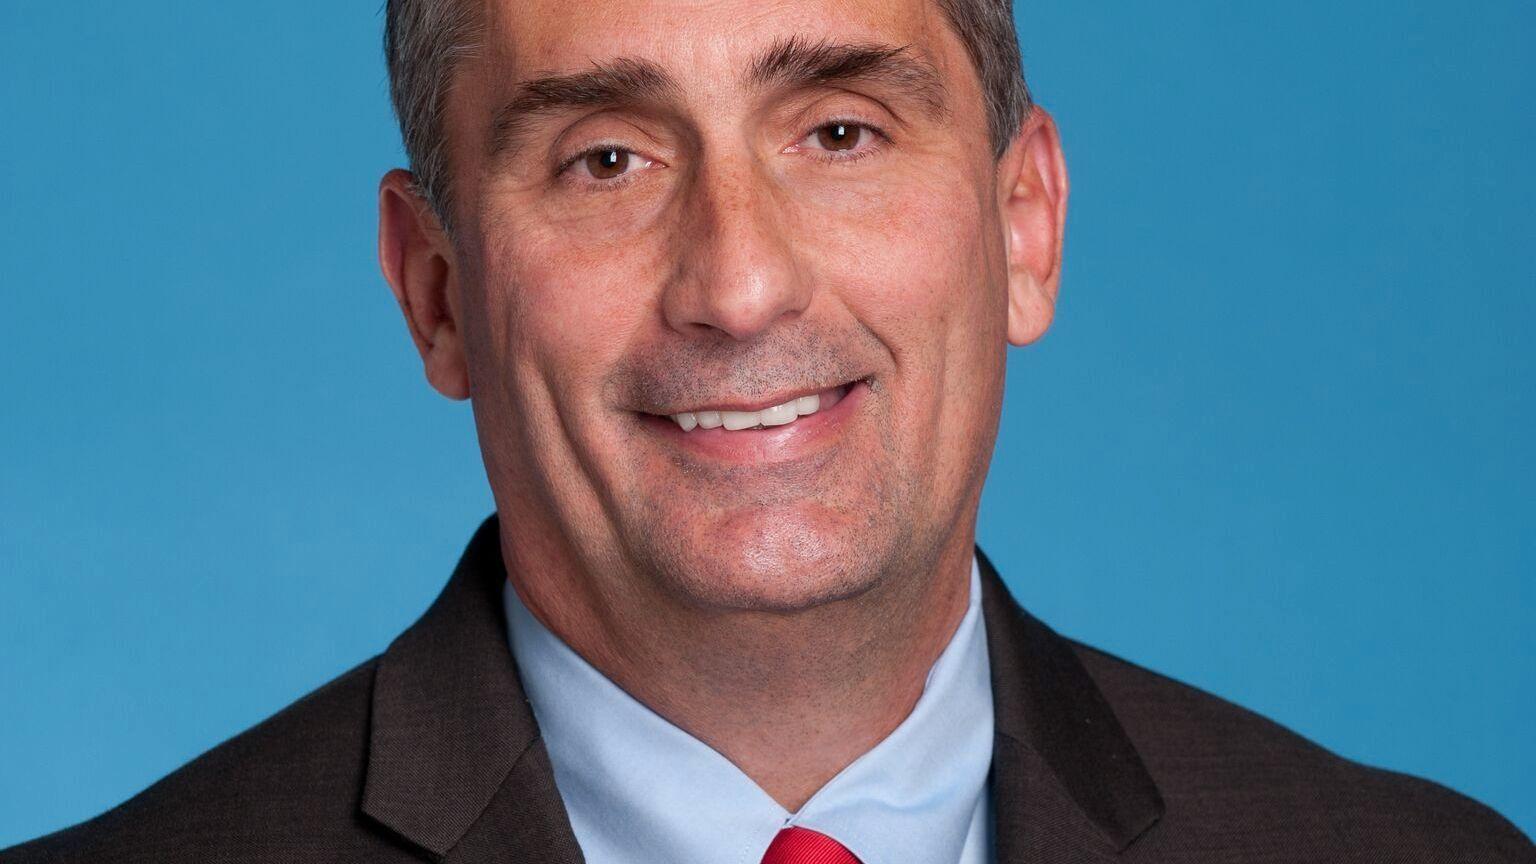 Intel-sjefen går av etter å ha hatt et forhold til en ansatt